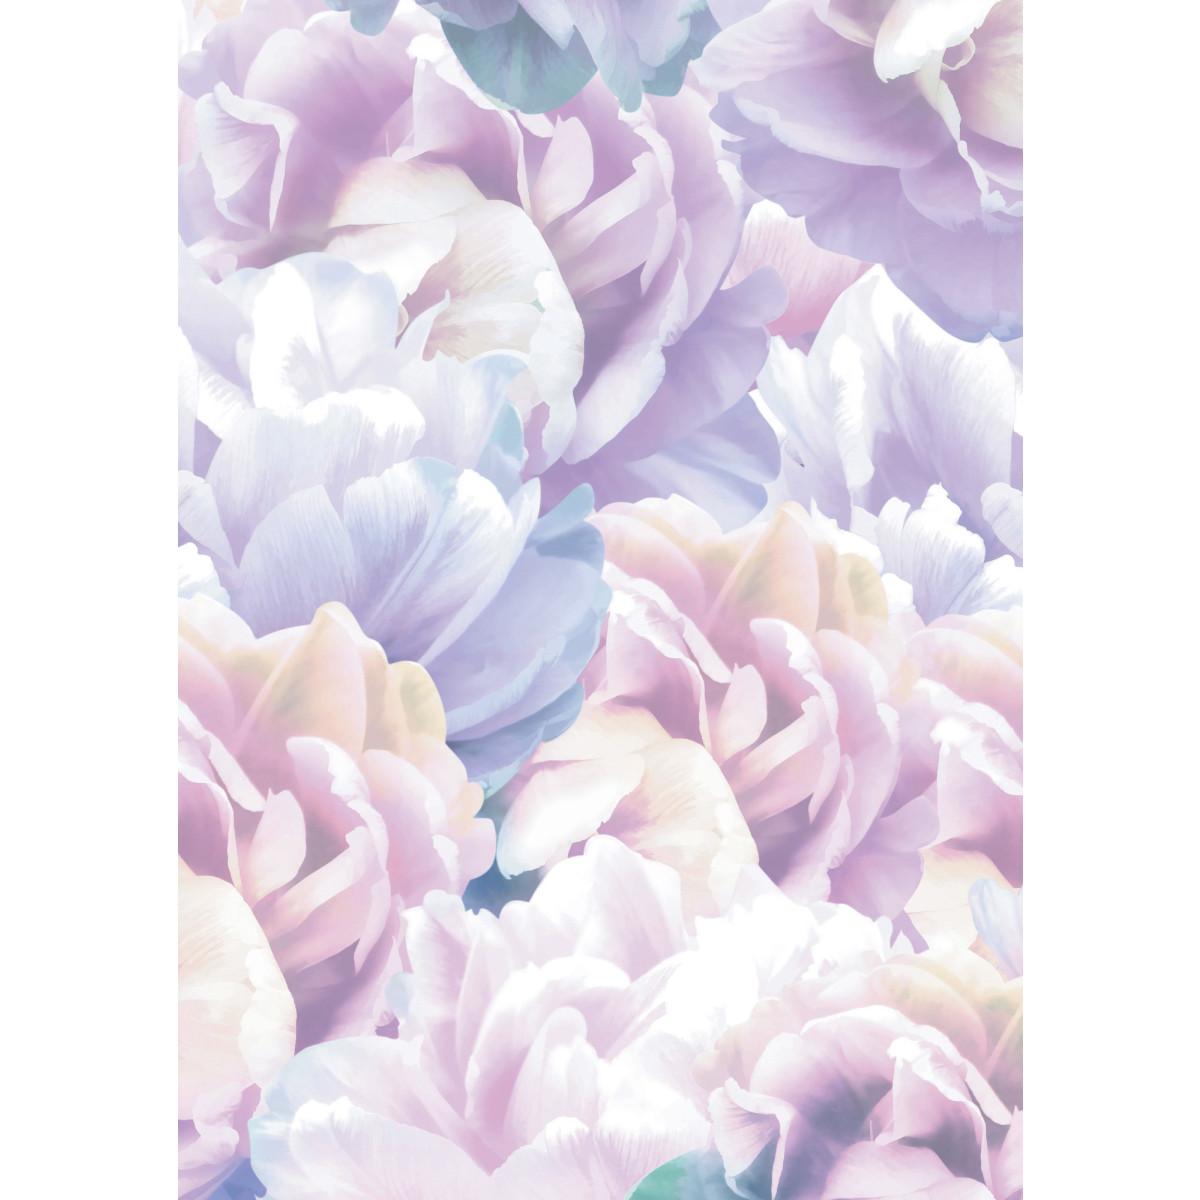 Фотообои Мир Элегантные цветы MIR-6029-V2 190х270 см